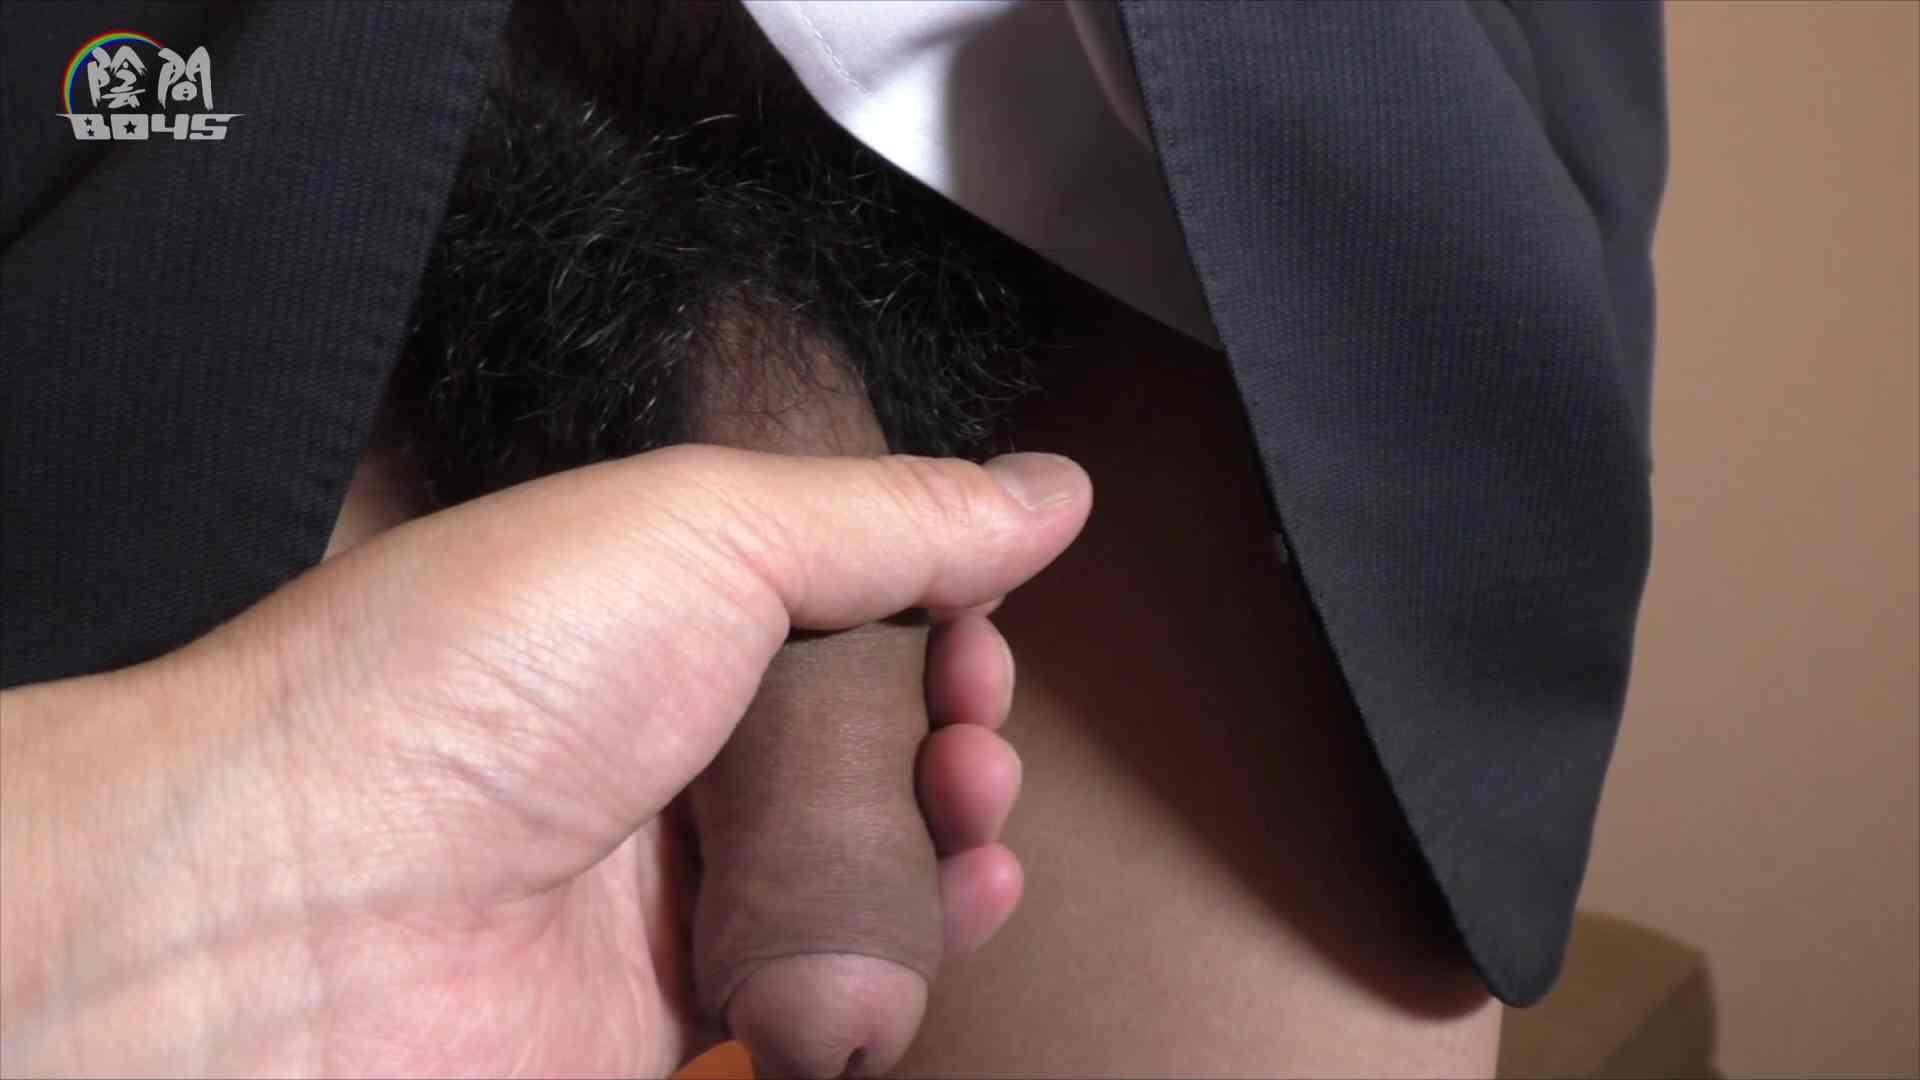 陰間BOYS~キャバクラの仕事はアナルから4 Vol.01 アナル ゲイザーメン画像 82枚 62